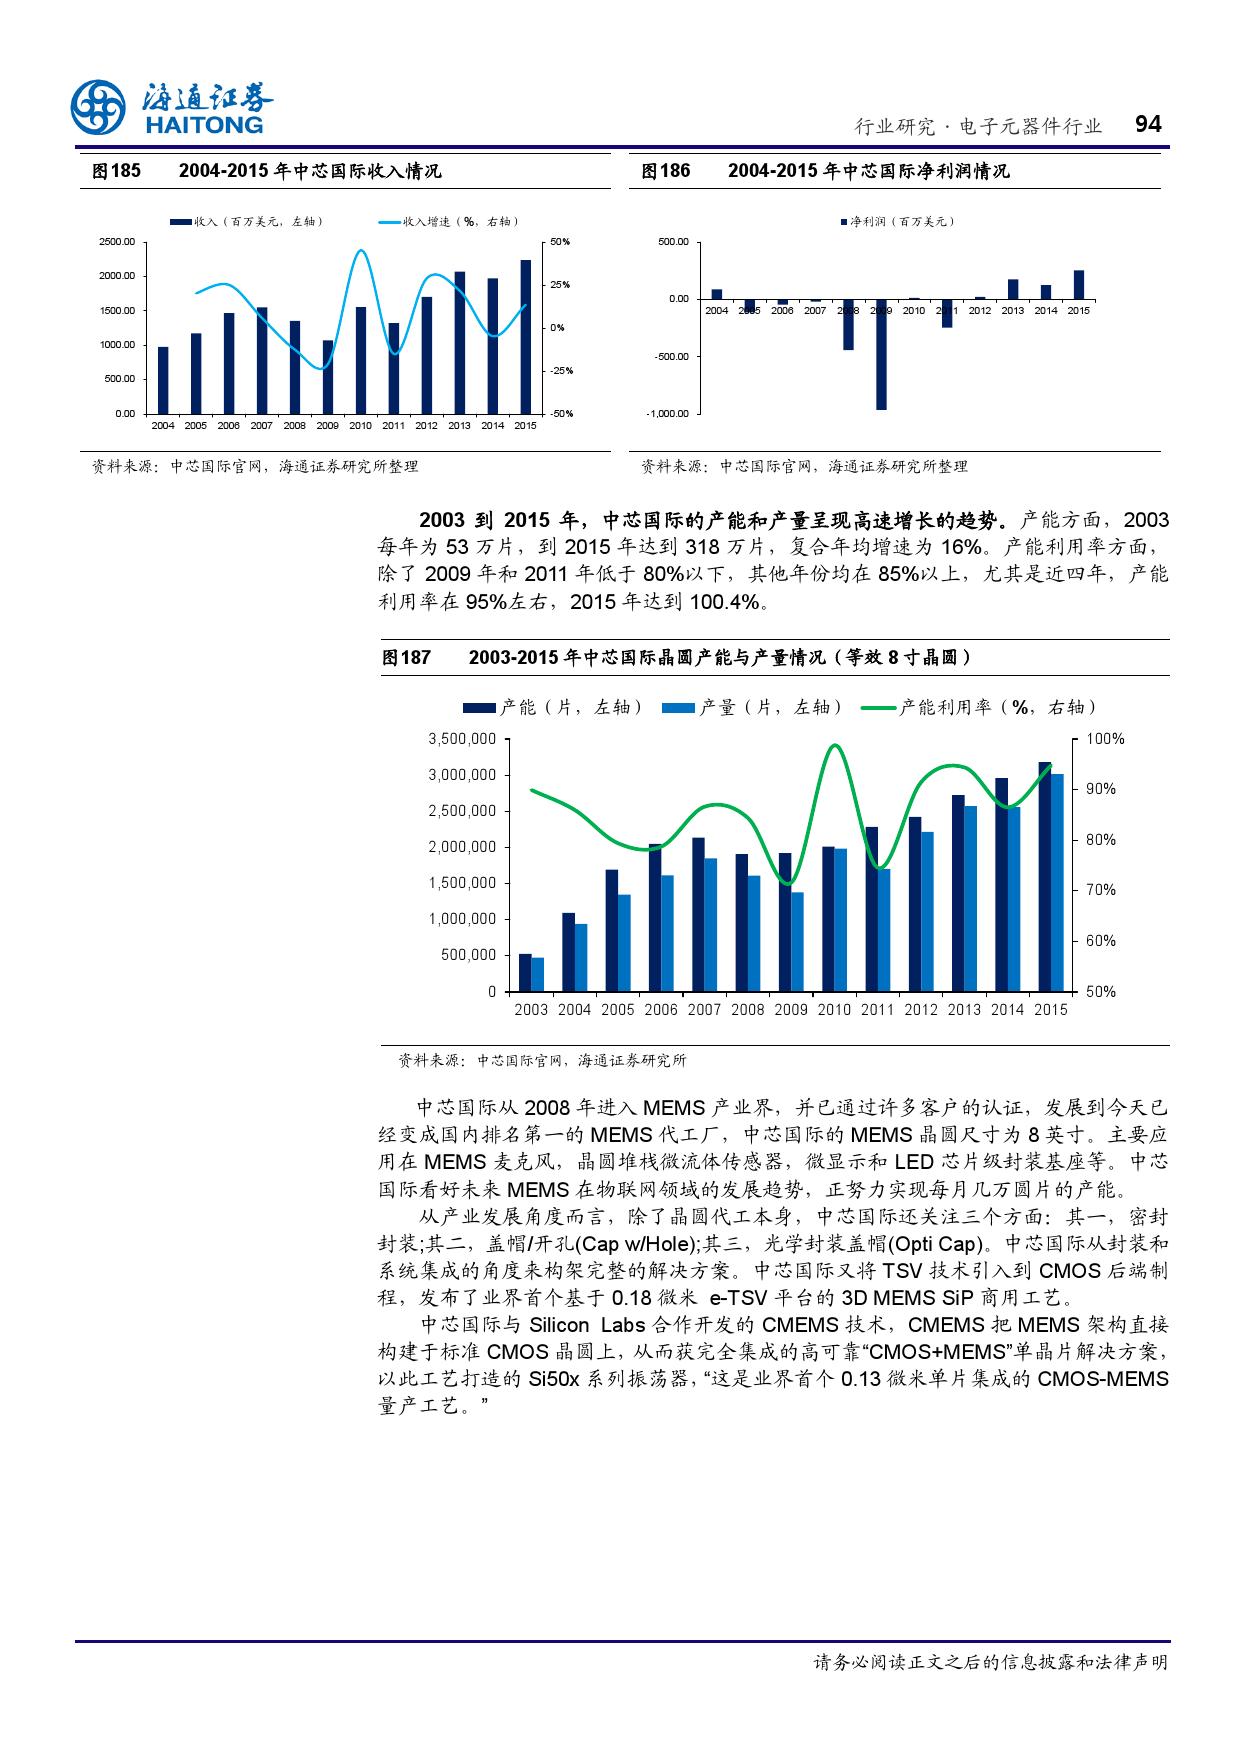 报告全解传感器全球产业链_000094